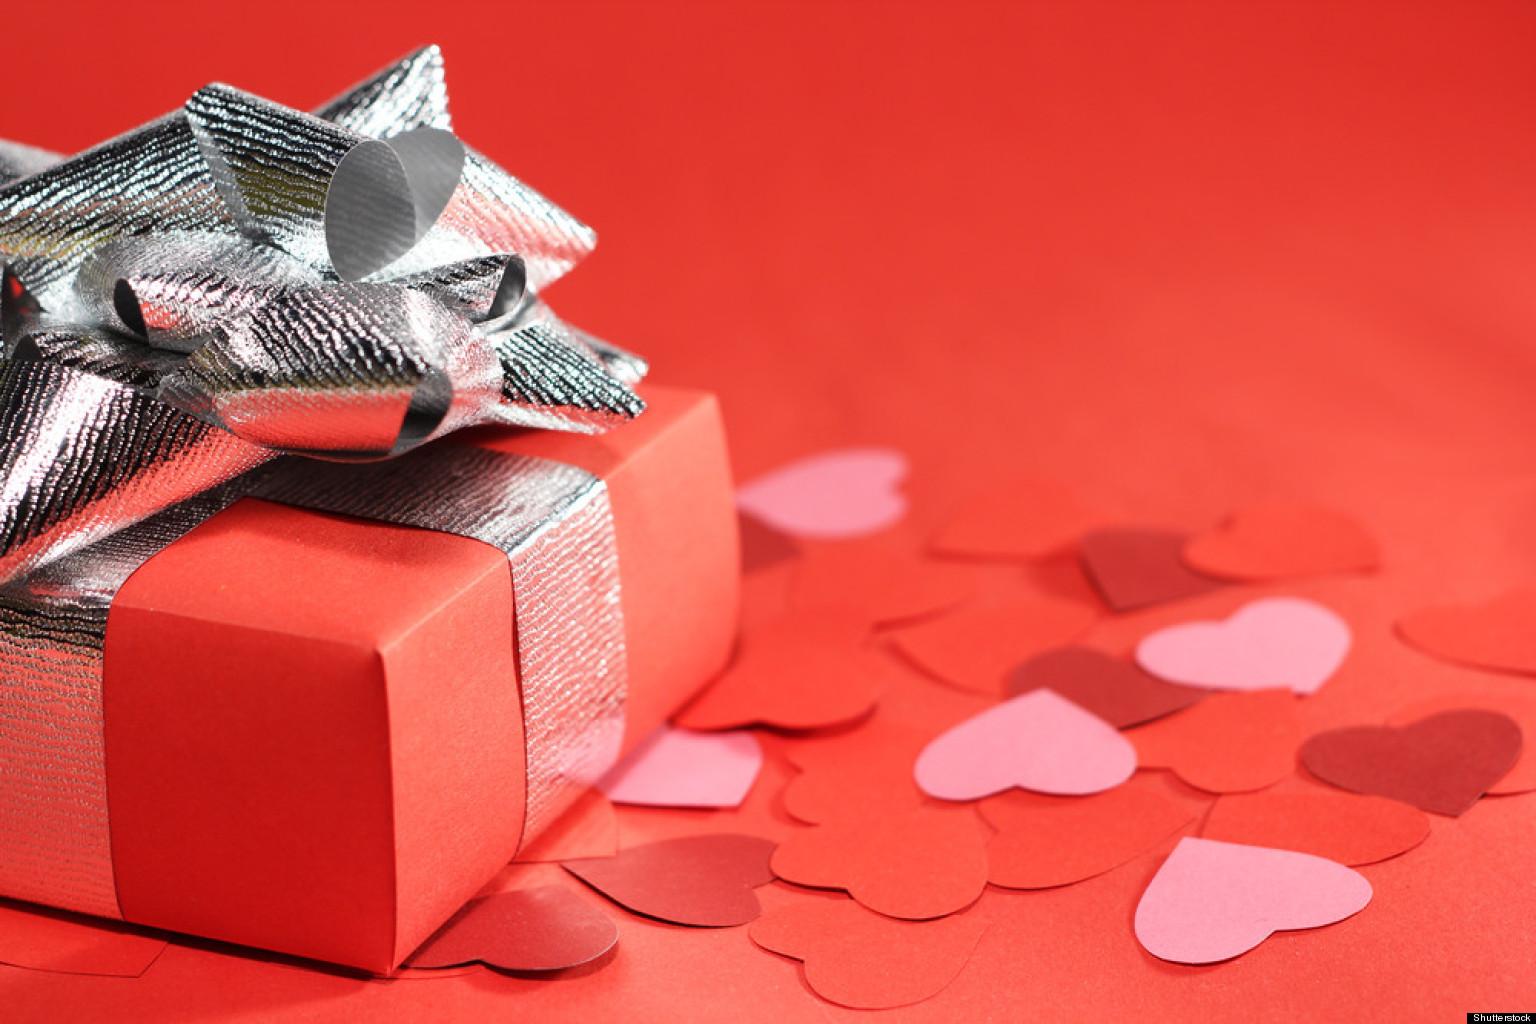 Оригинальные подарки с днем влюбленных